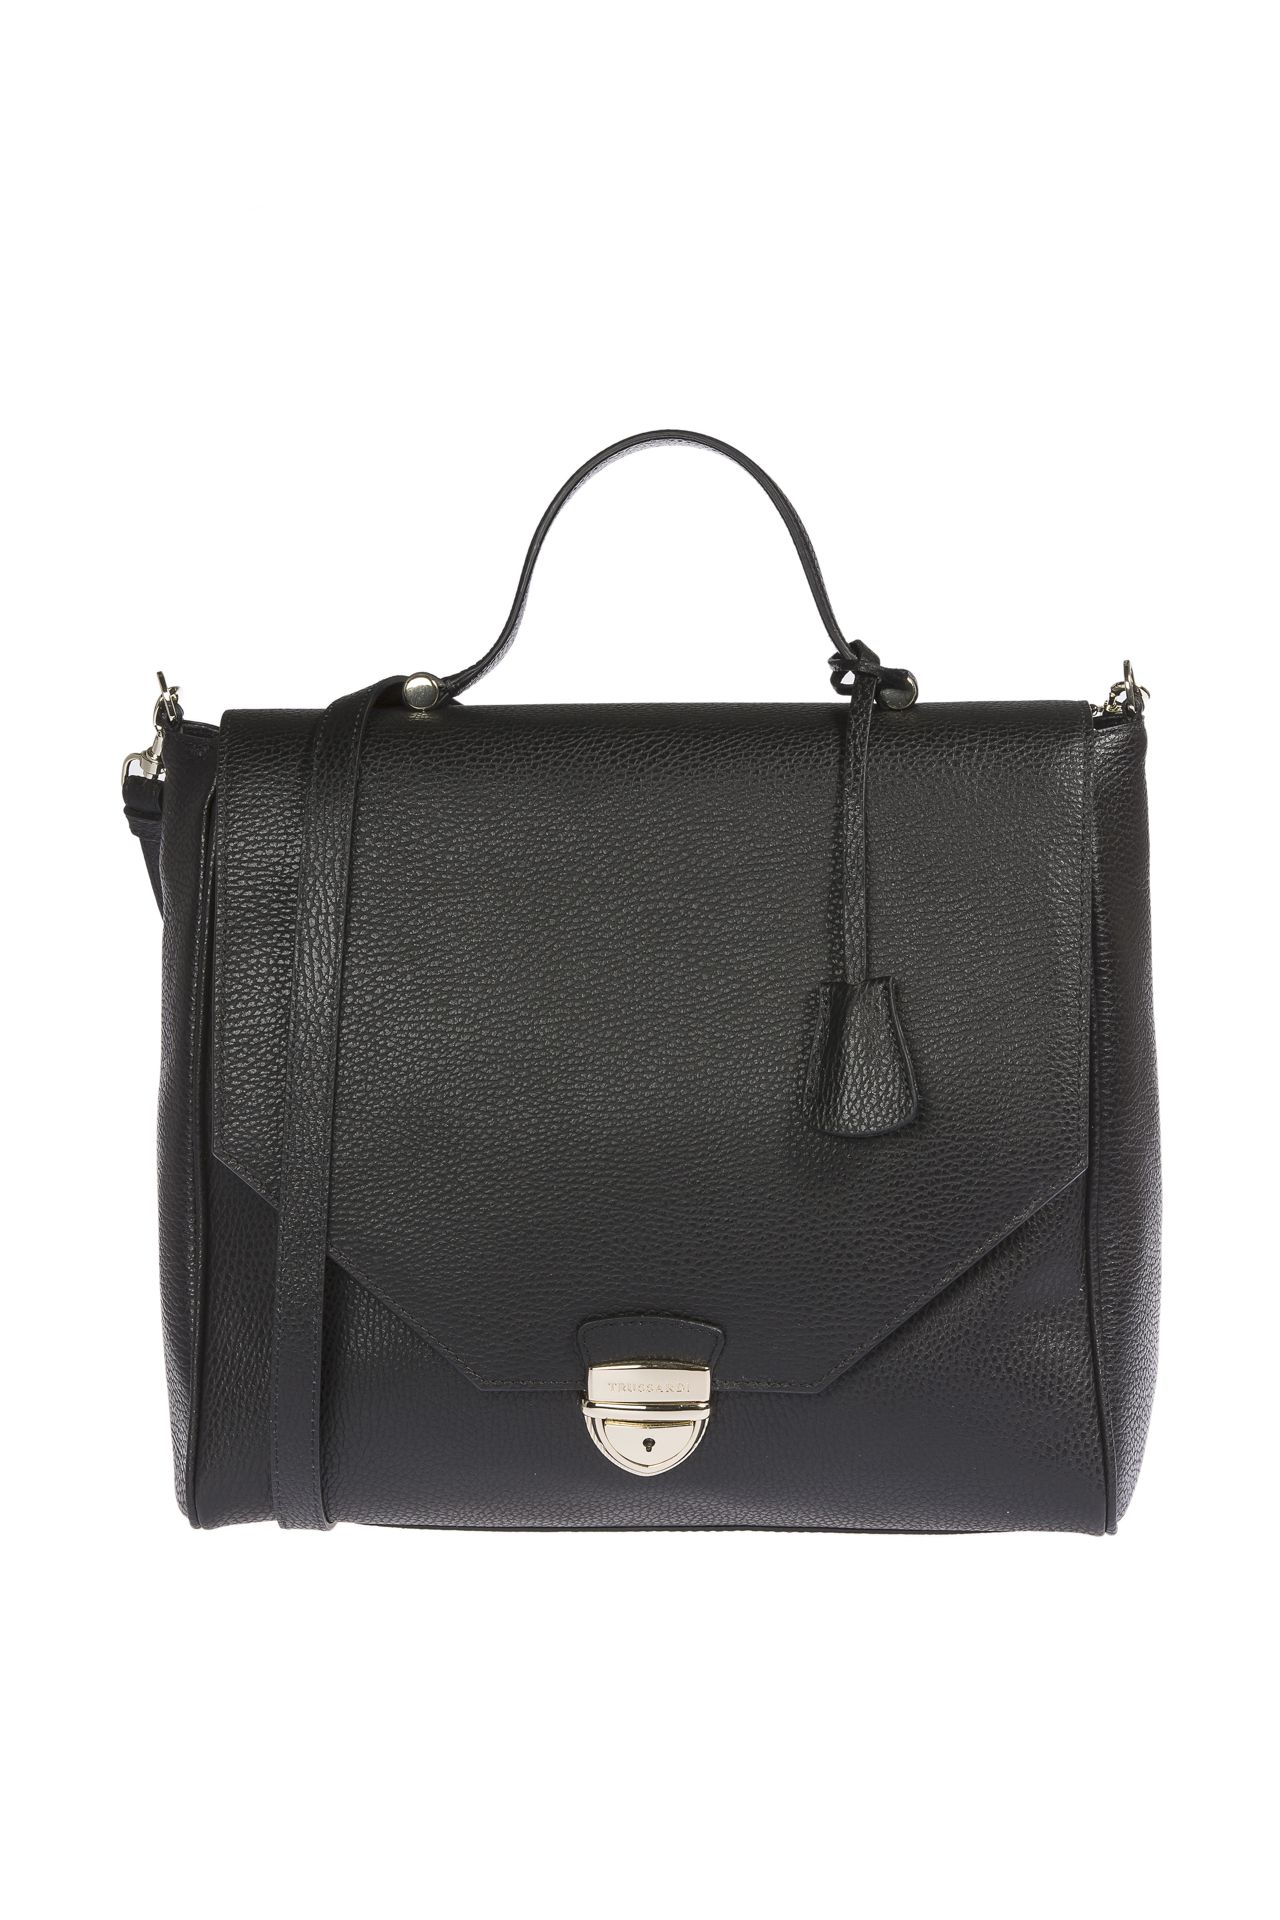 Trussardi Women's Handbag Black 1DB338_19Black